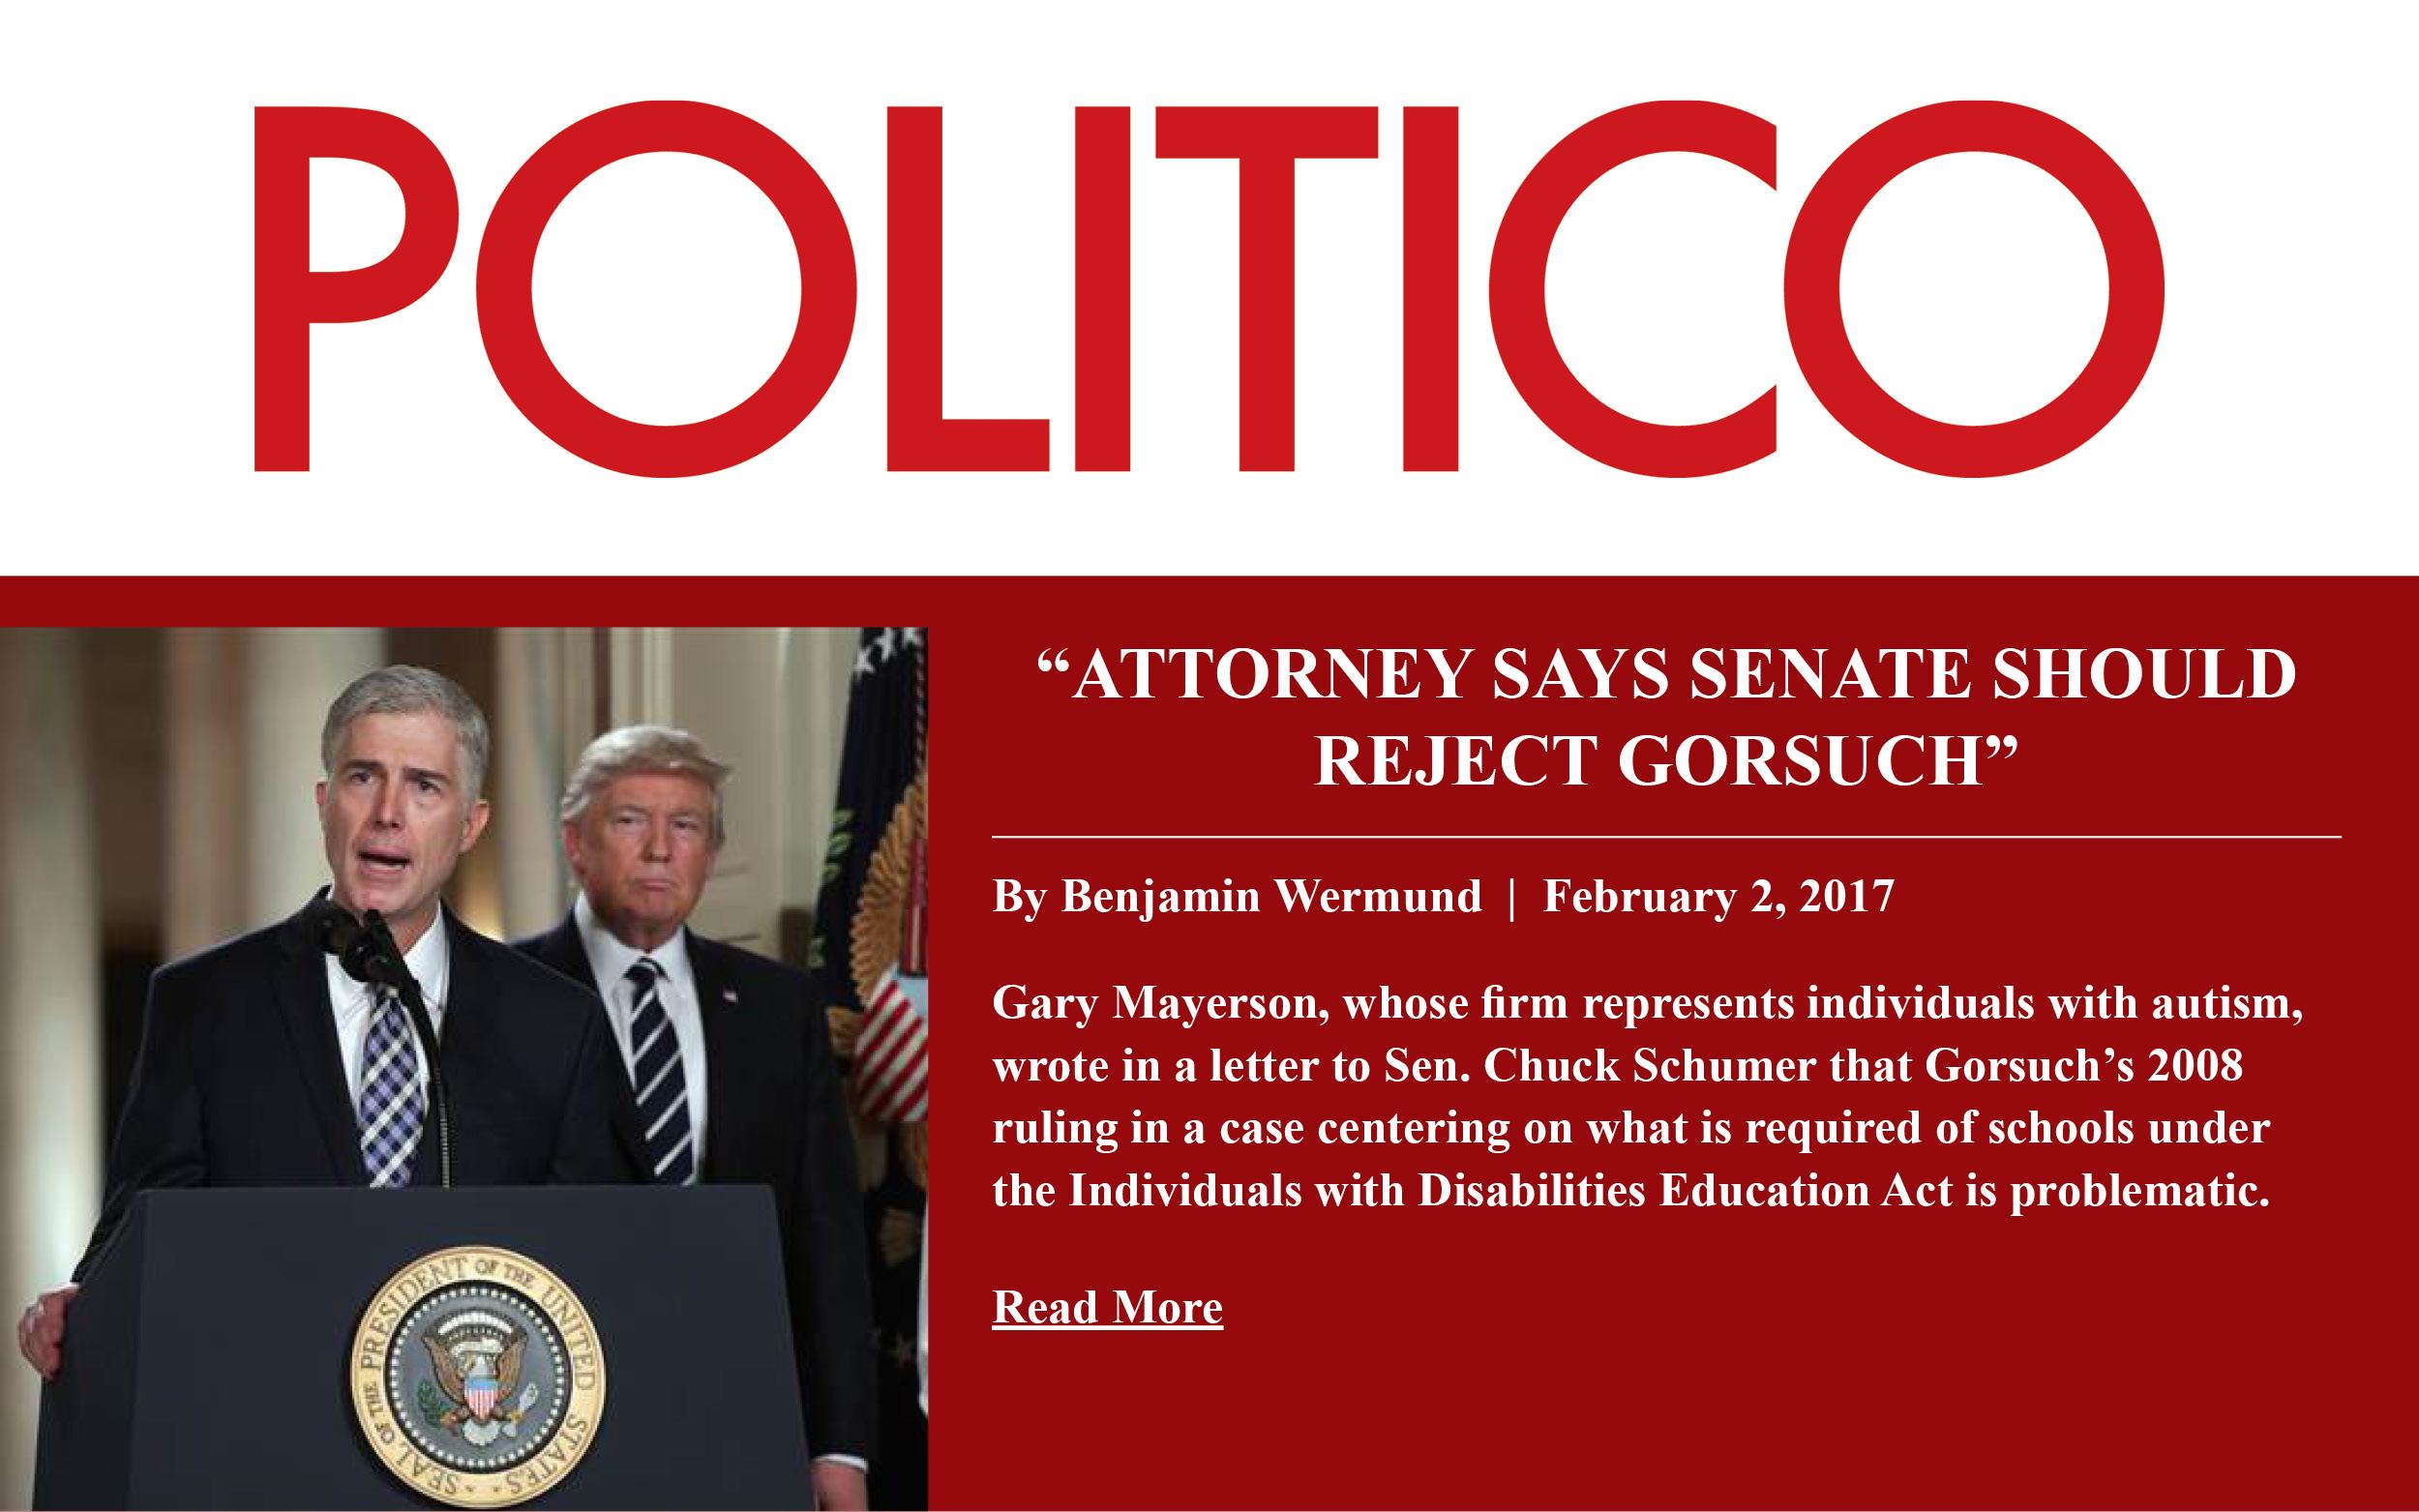 Gary Mayerson - POLITICO